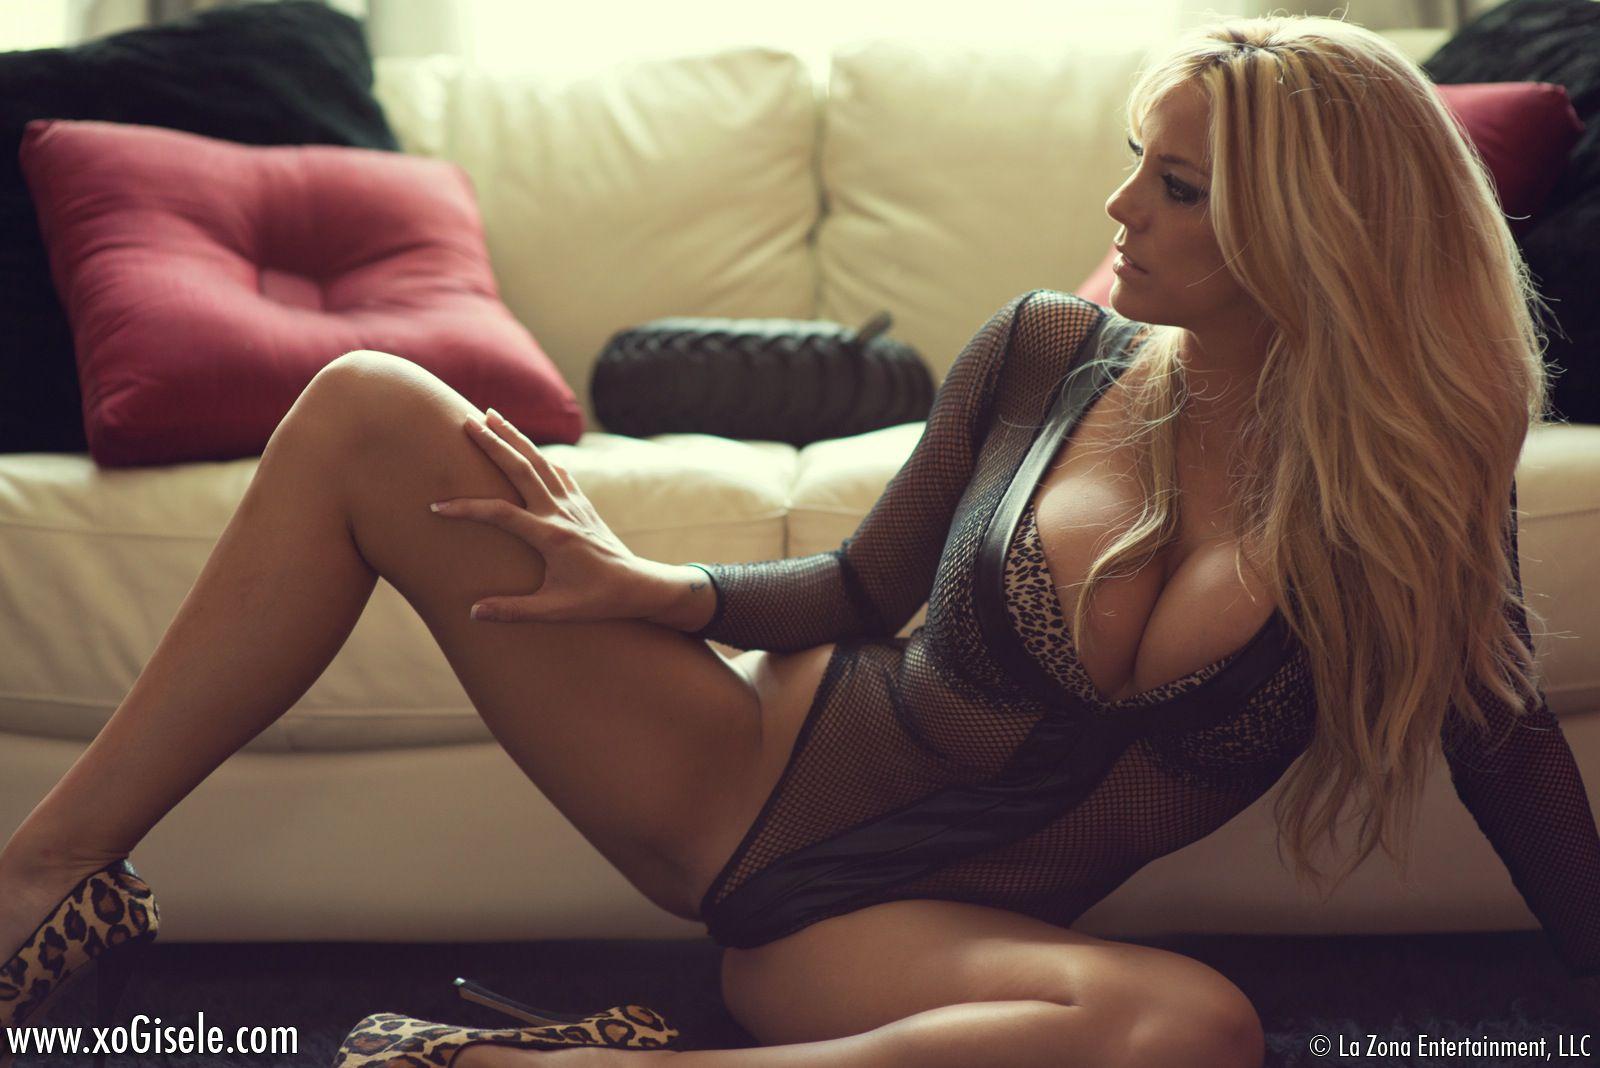 http://i4.imageban.ru/out/2014/08/28/1a02b3746648daa6e720aae584567812.jpg